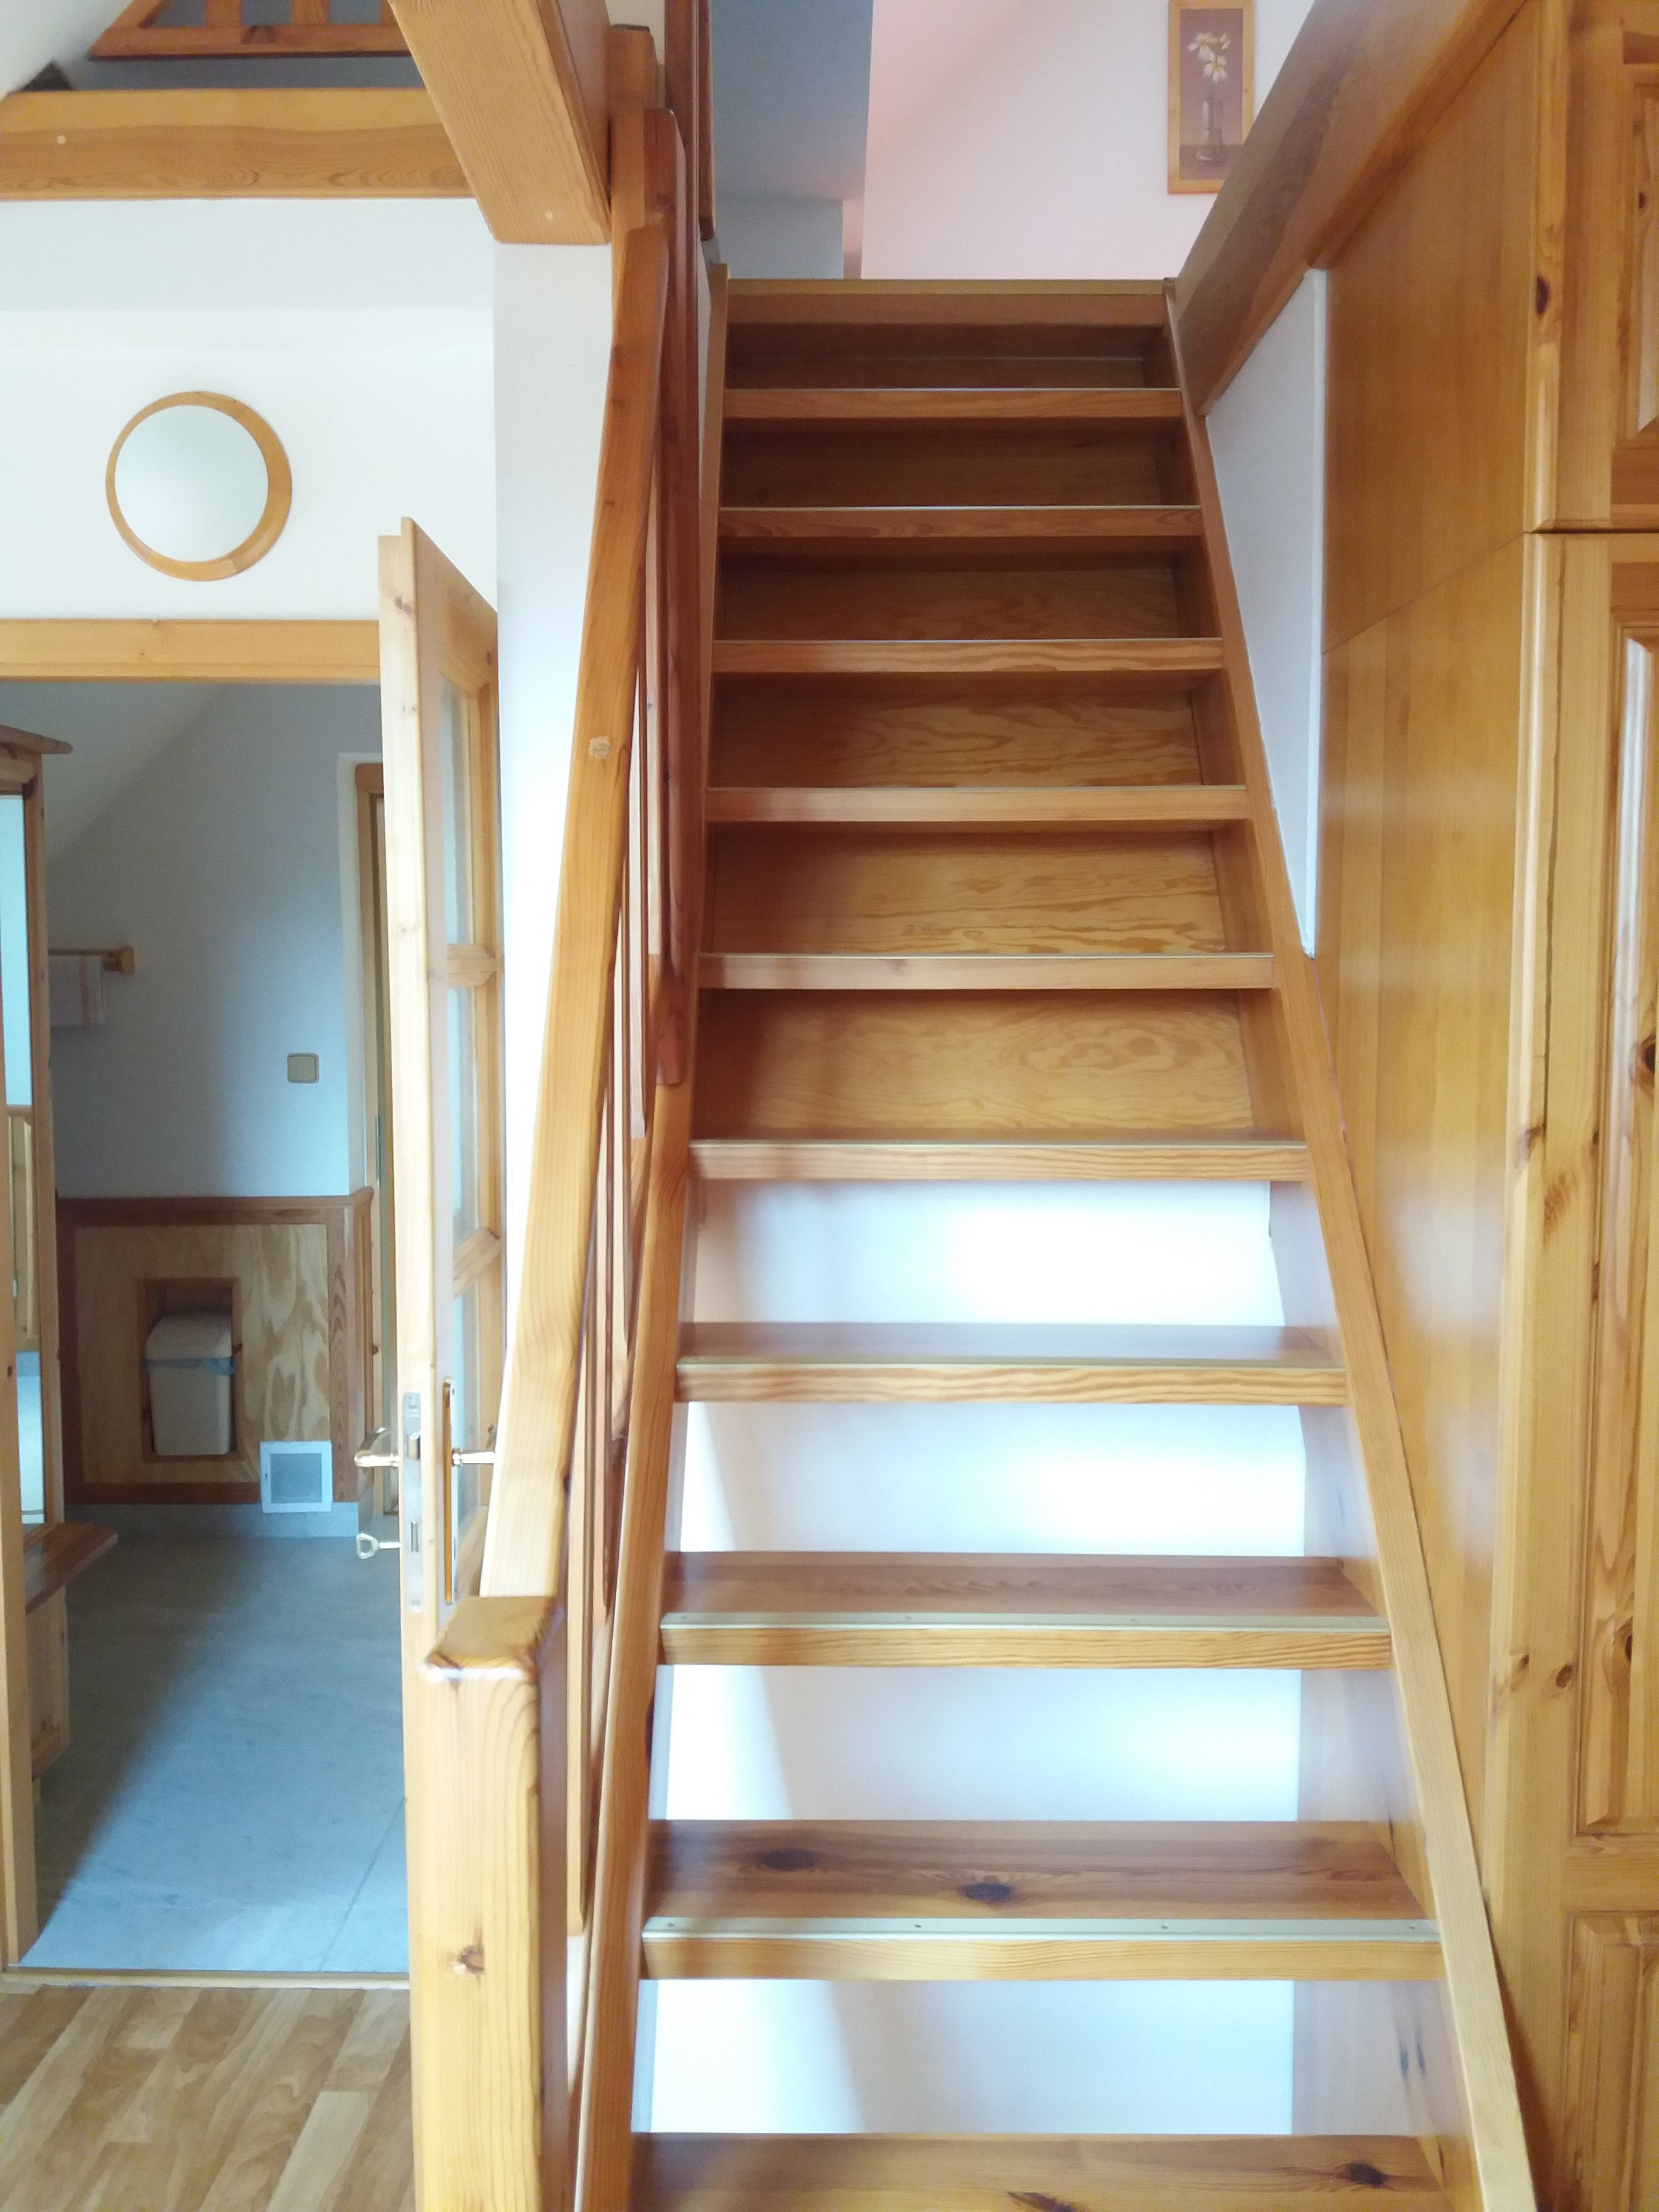 Schody do podkrovní části pokoje, vlevo průchod přes kuchyňský kout ven z pokoje